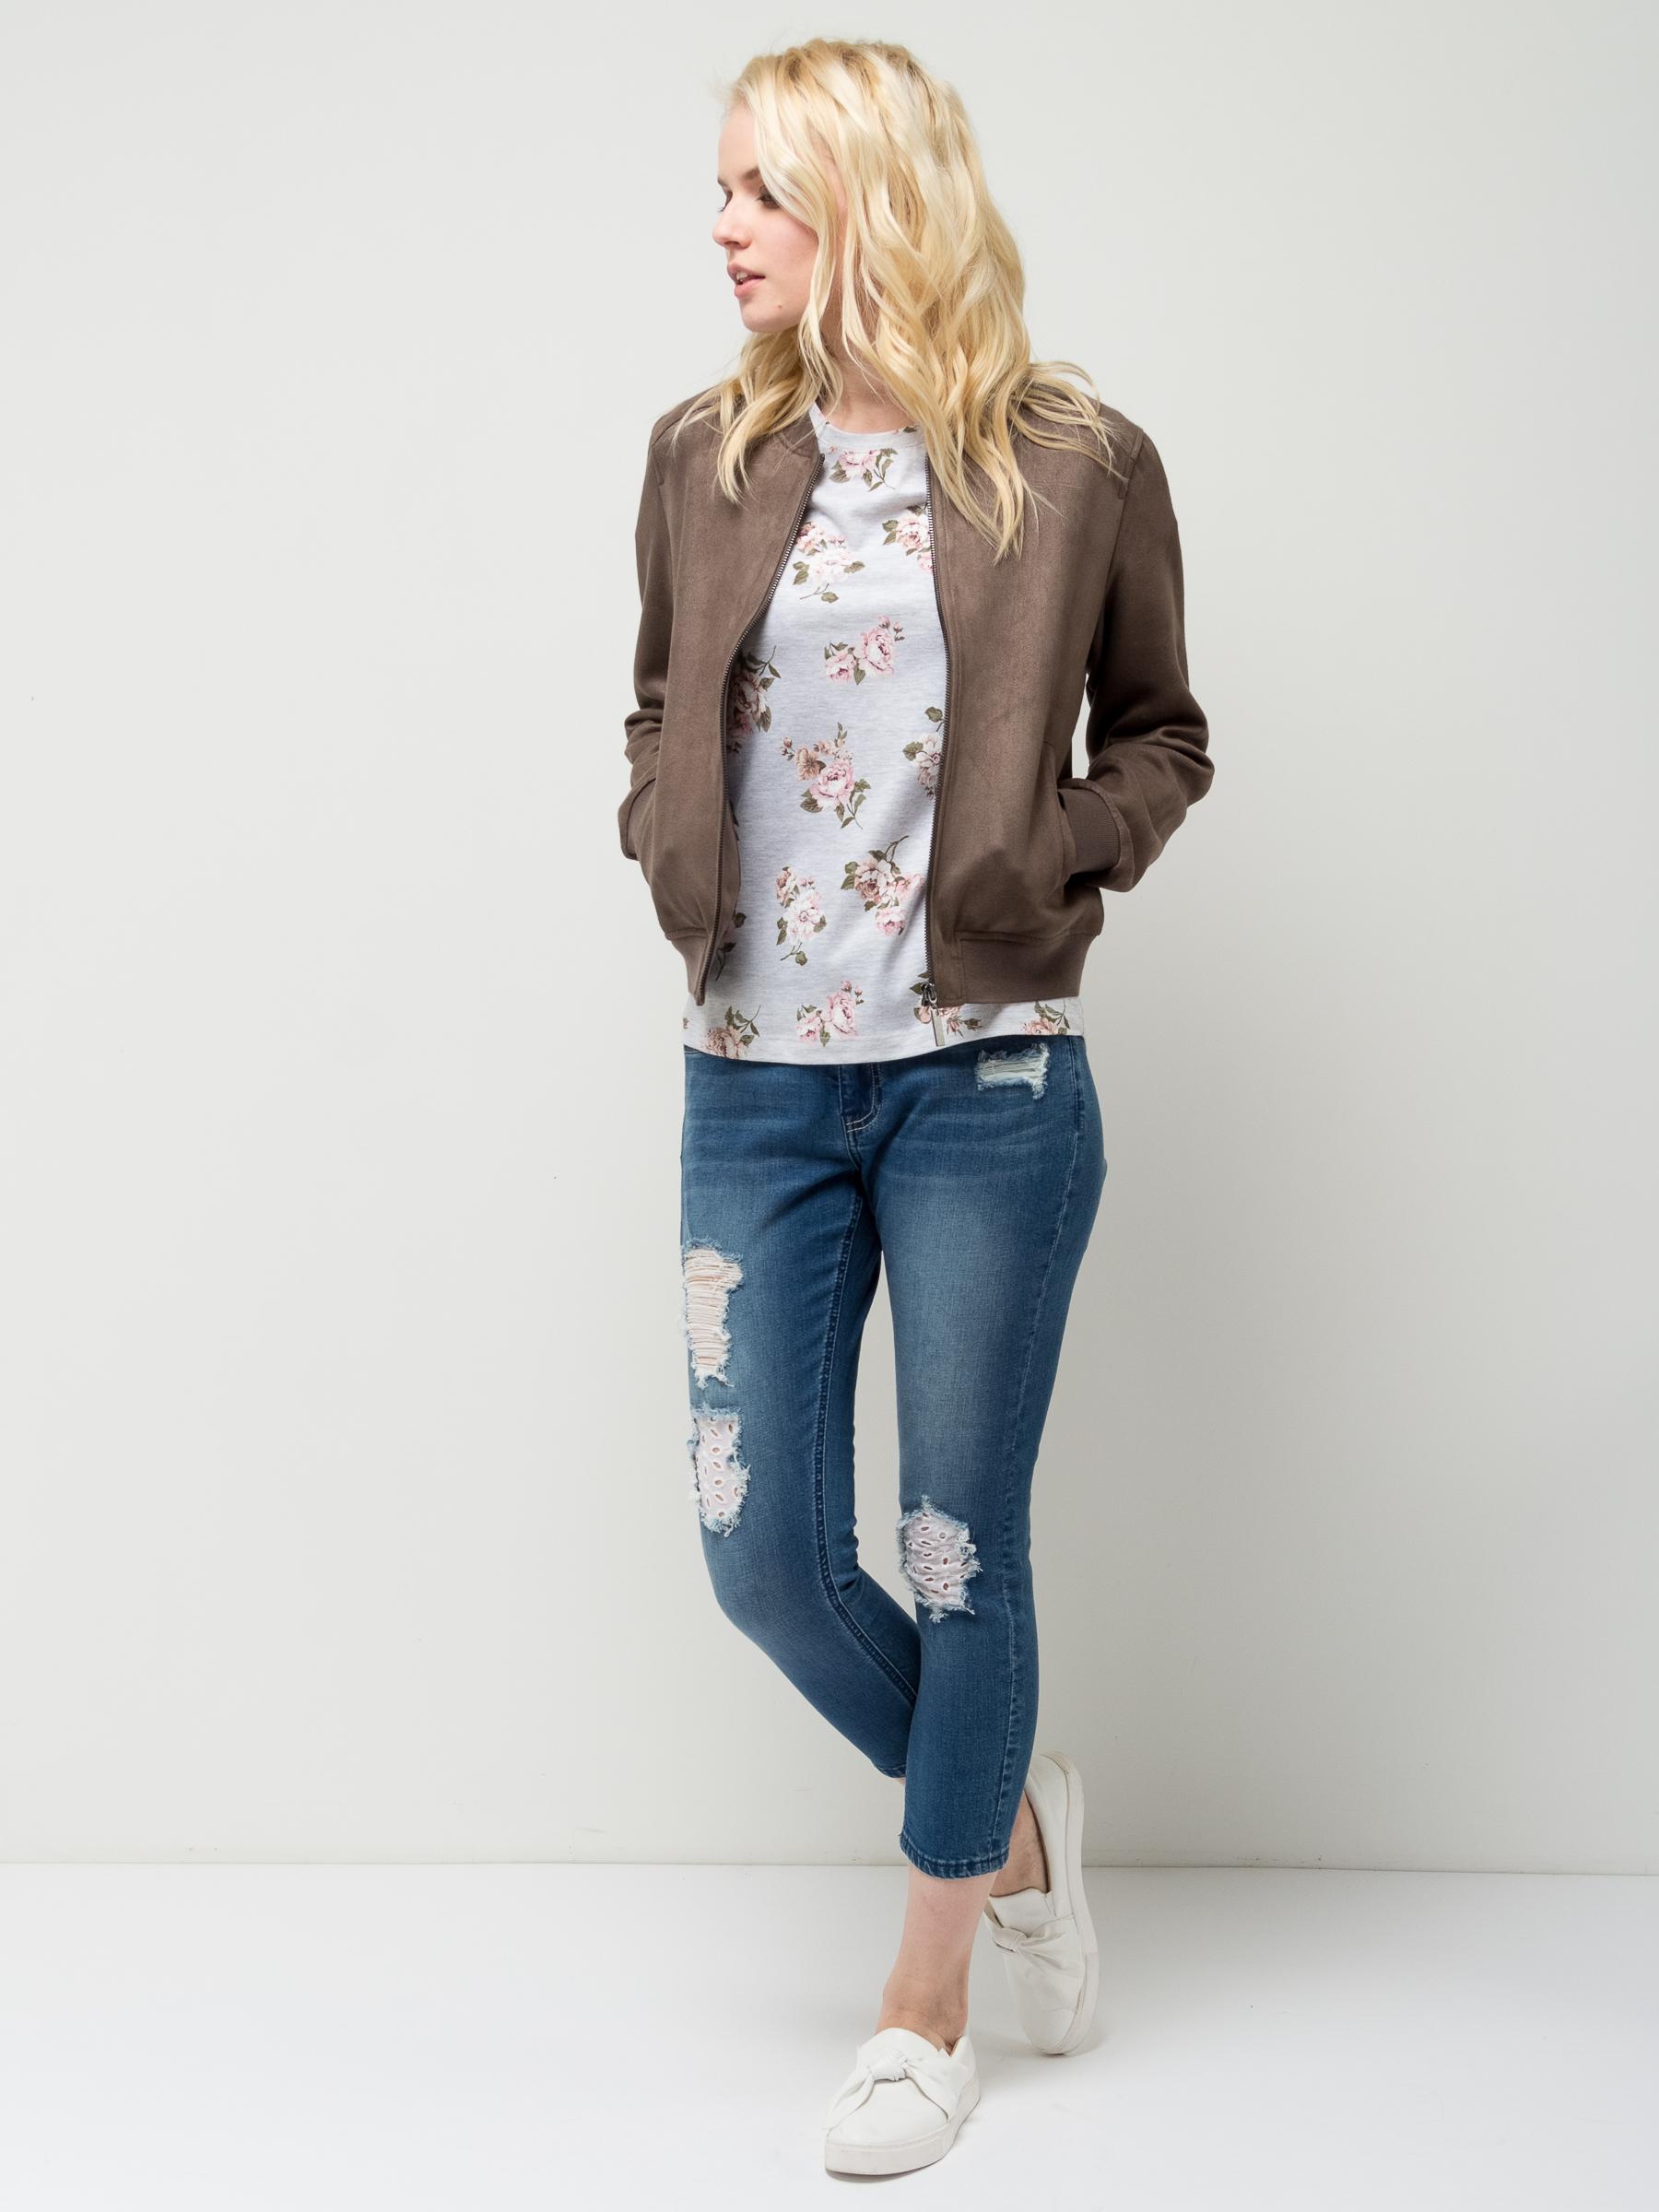 Куртка женская Sela, цвет: серо-коричневый. JTk-316/1145-7112. Размер S (44)JTk-316/1145-7112Стильная женская куртка-бомбер Sela, выполненная из качественного эластичного материала, станет отличным дополнением гардероба каждой модницы. Модель полуприлегающего кроя с круглым вырезом горловины застегивается на молнию и дополнена двумя прорезными карманами. Манжеты длинных рукавов, воротник и низ изделия дополнены резинкой. Куртка подойдет для прогулок и дружеских встреч и будет отлично сочетаться с джинсами и брюками.